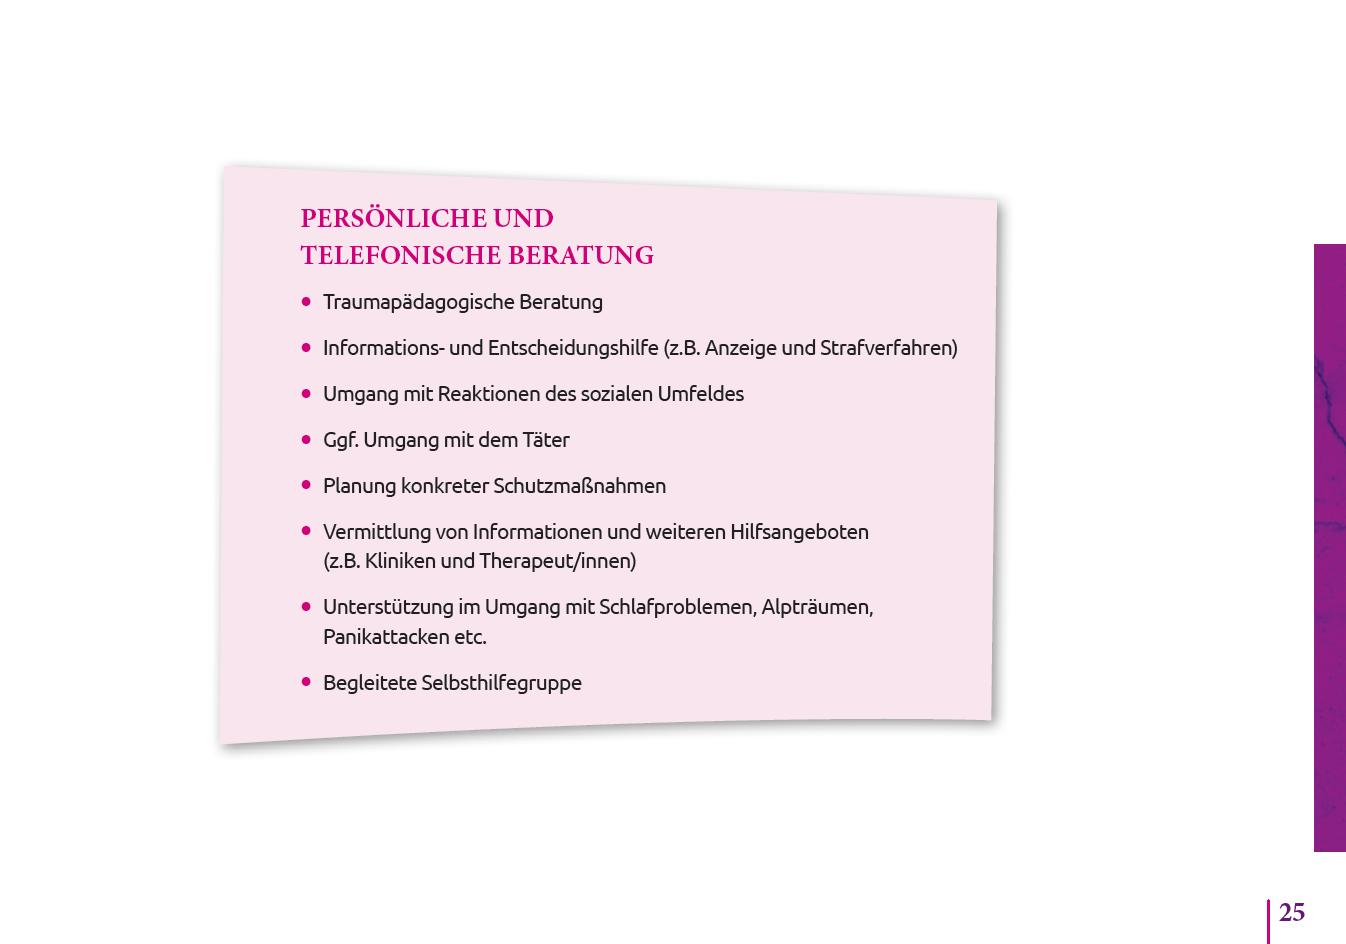 Persönliche und telefonische Beratung S.25